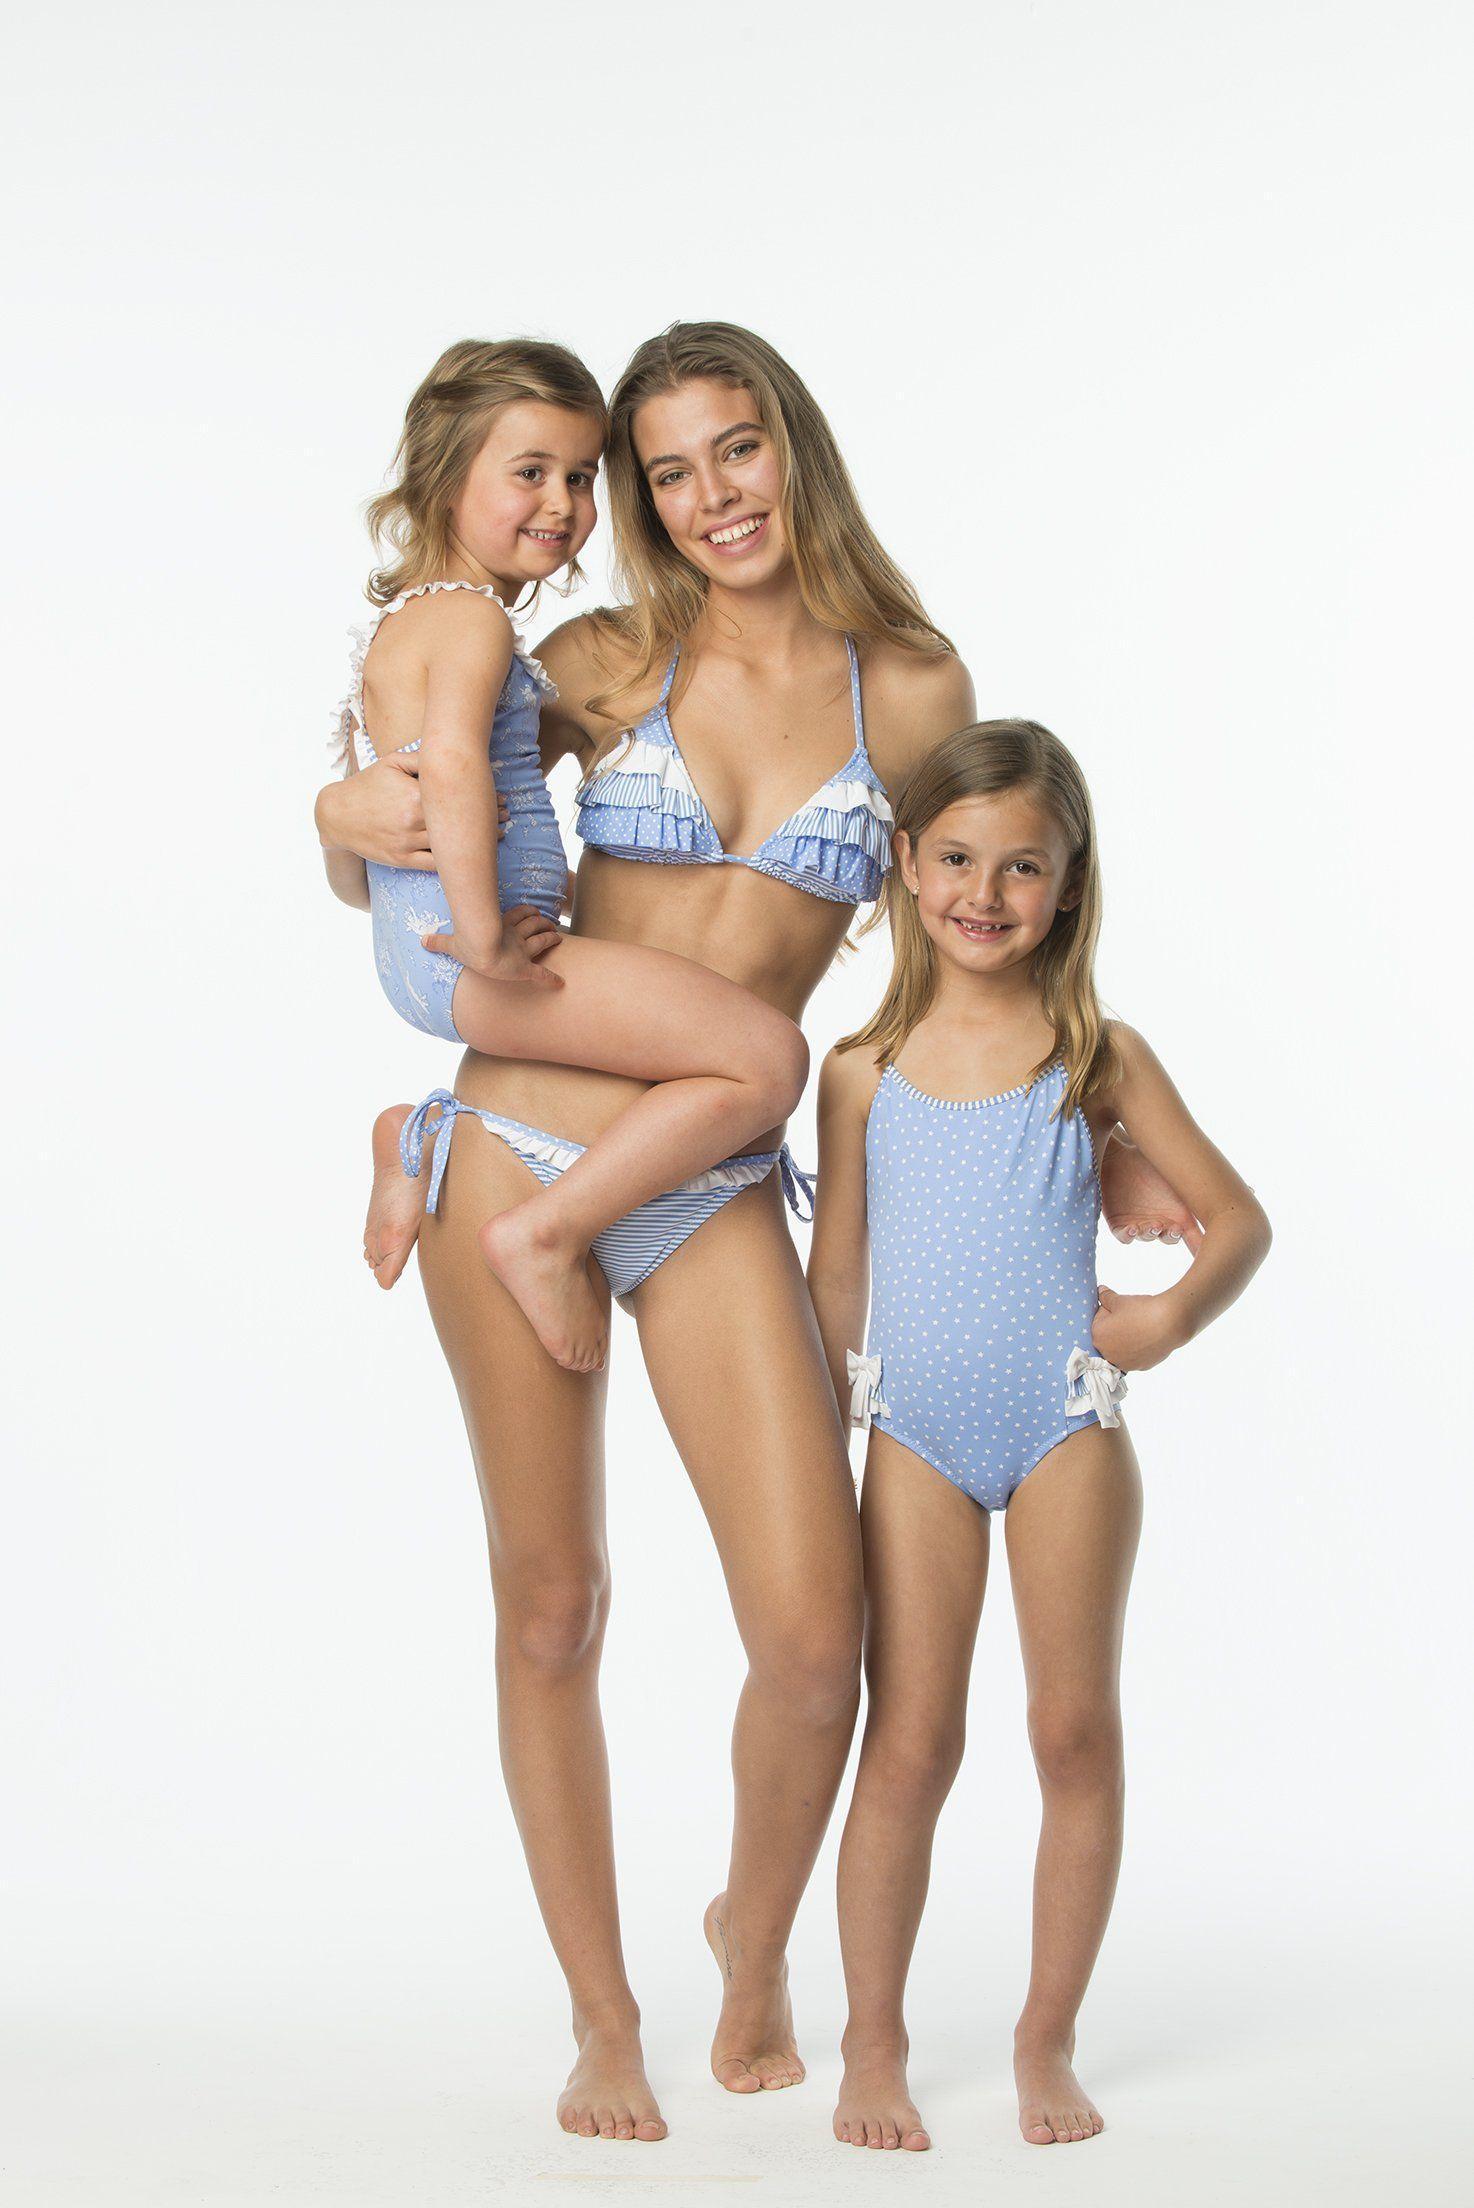 Sunstone reccomend Bikinis for moms